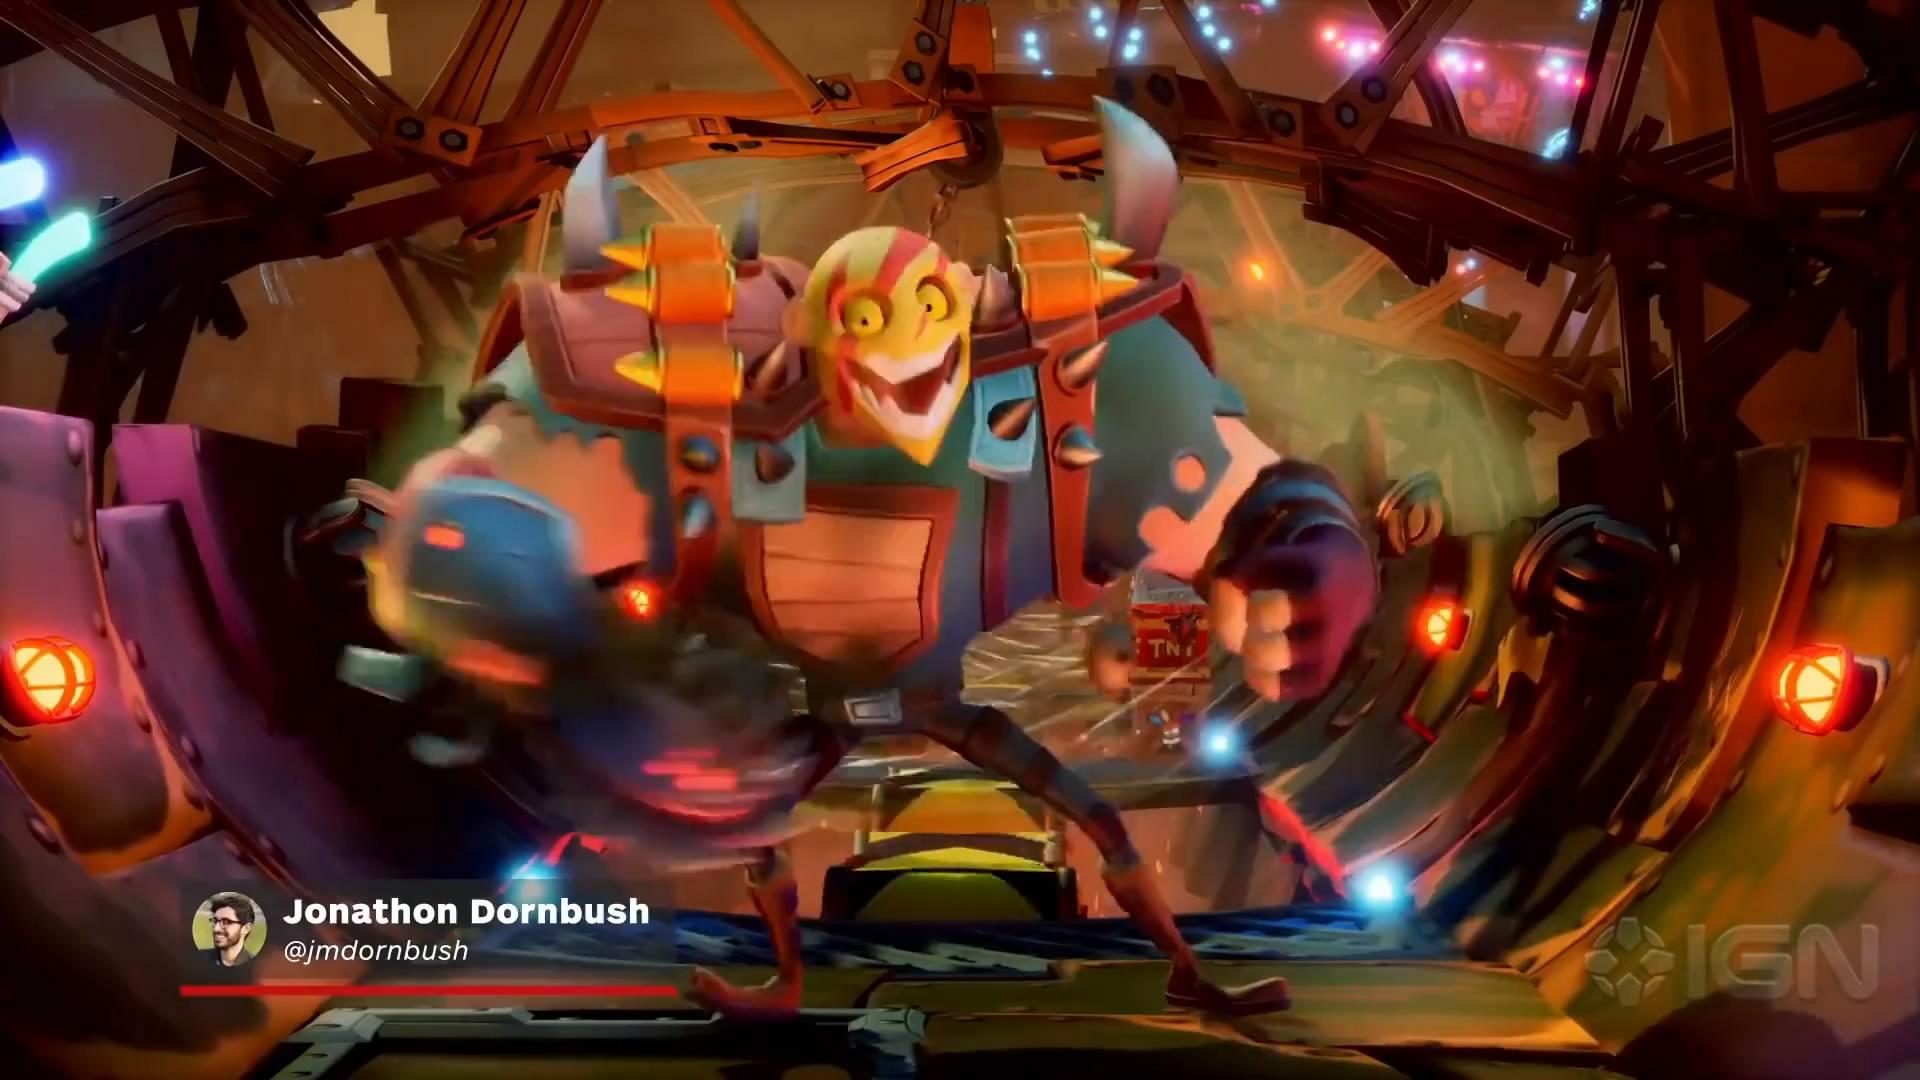 《古惑狼4》新演示视频公布 展示全新海盗关卡